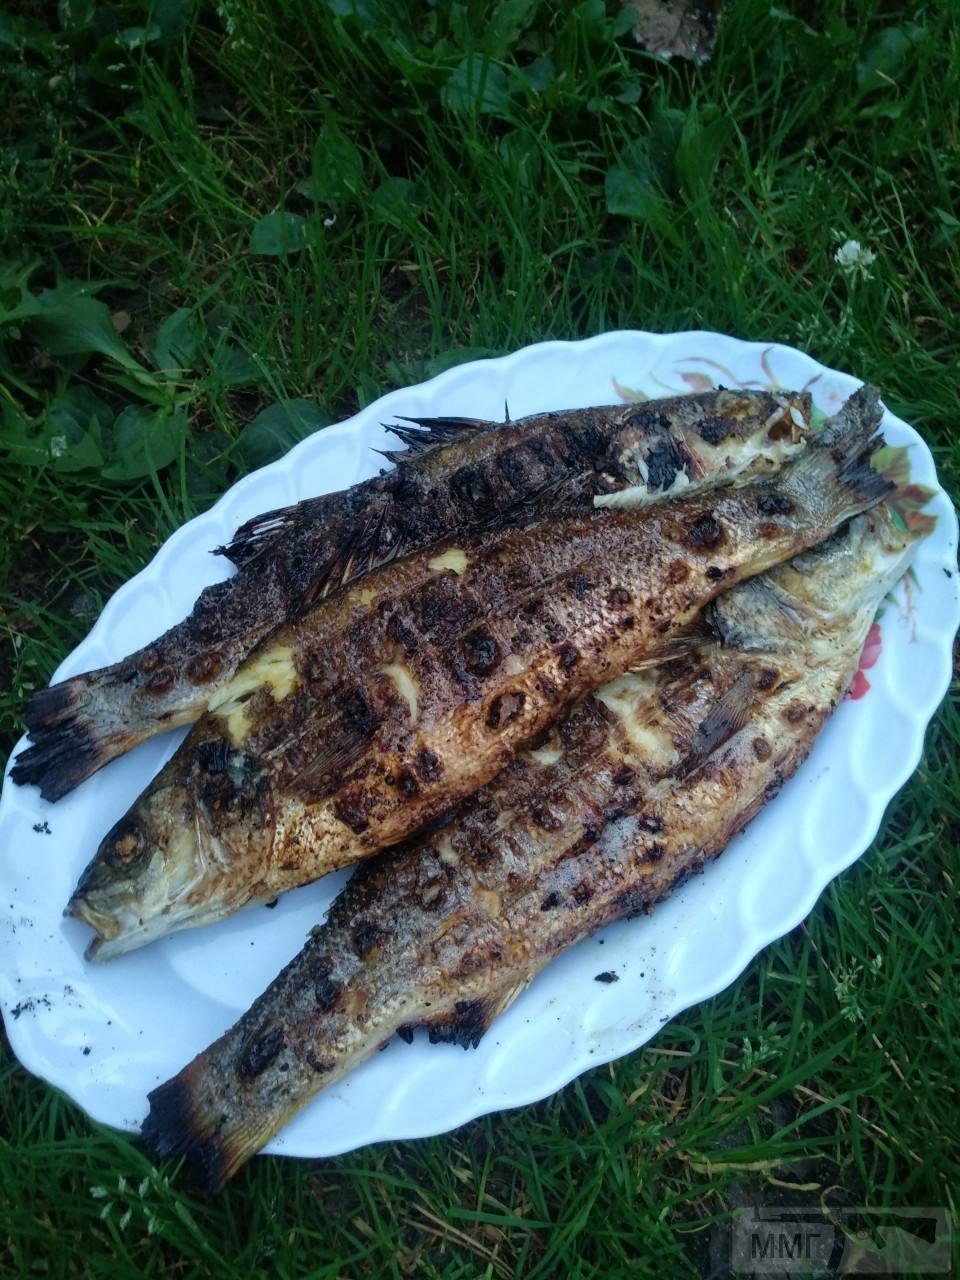 111312 - Закуски на огне (мангал, барбекю и т.д.) и кулинария вообще. Советы и рецепты.